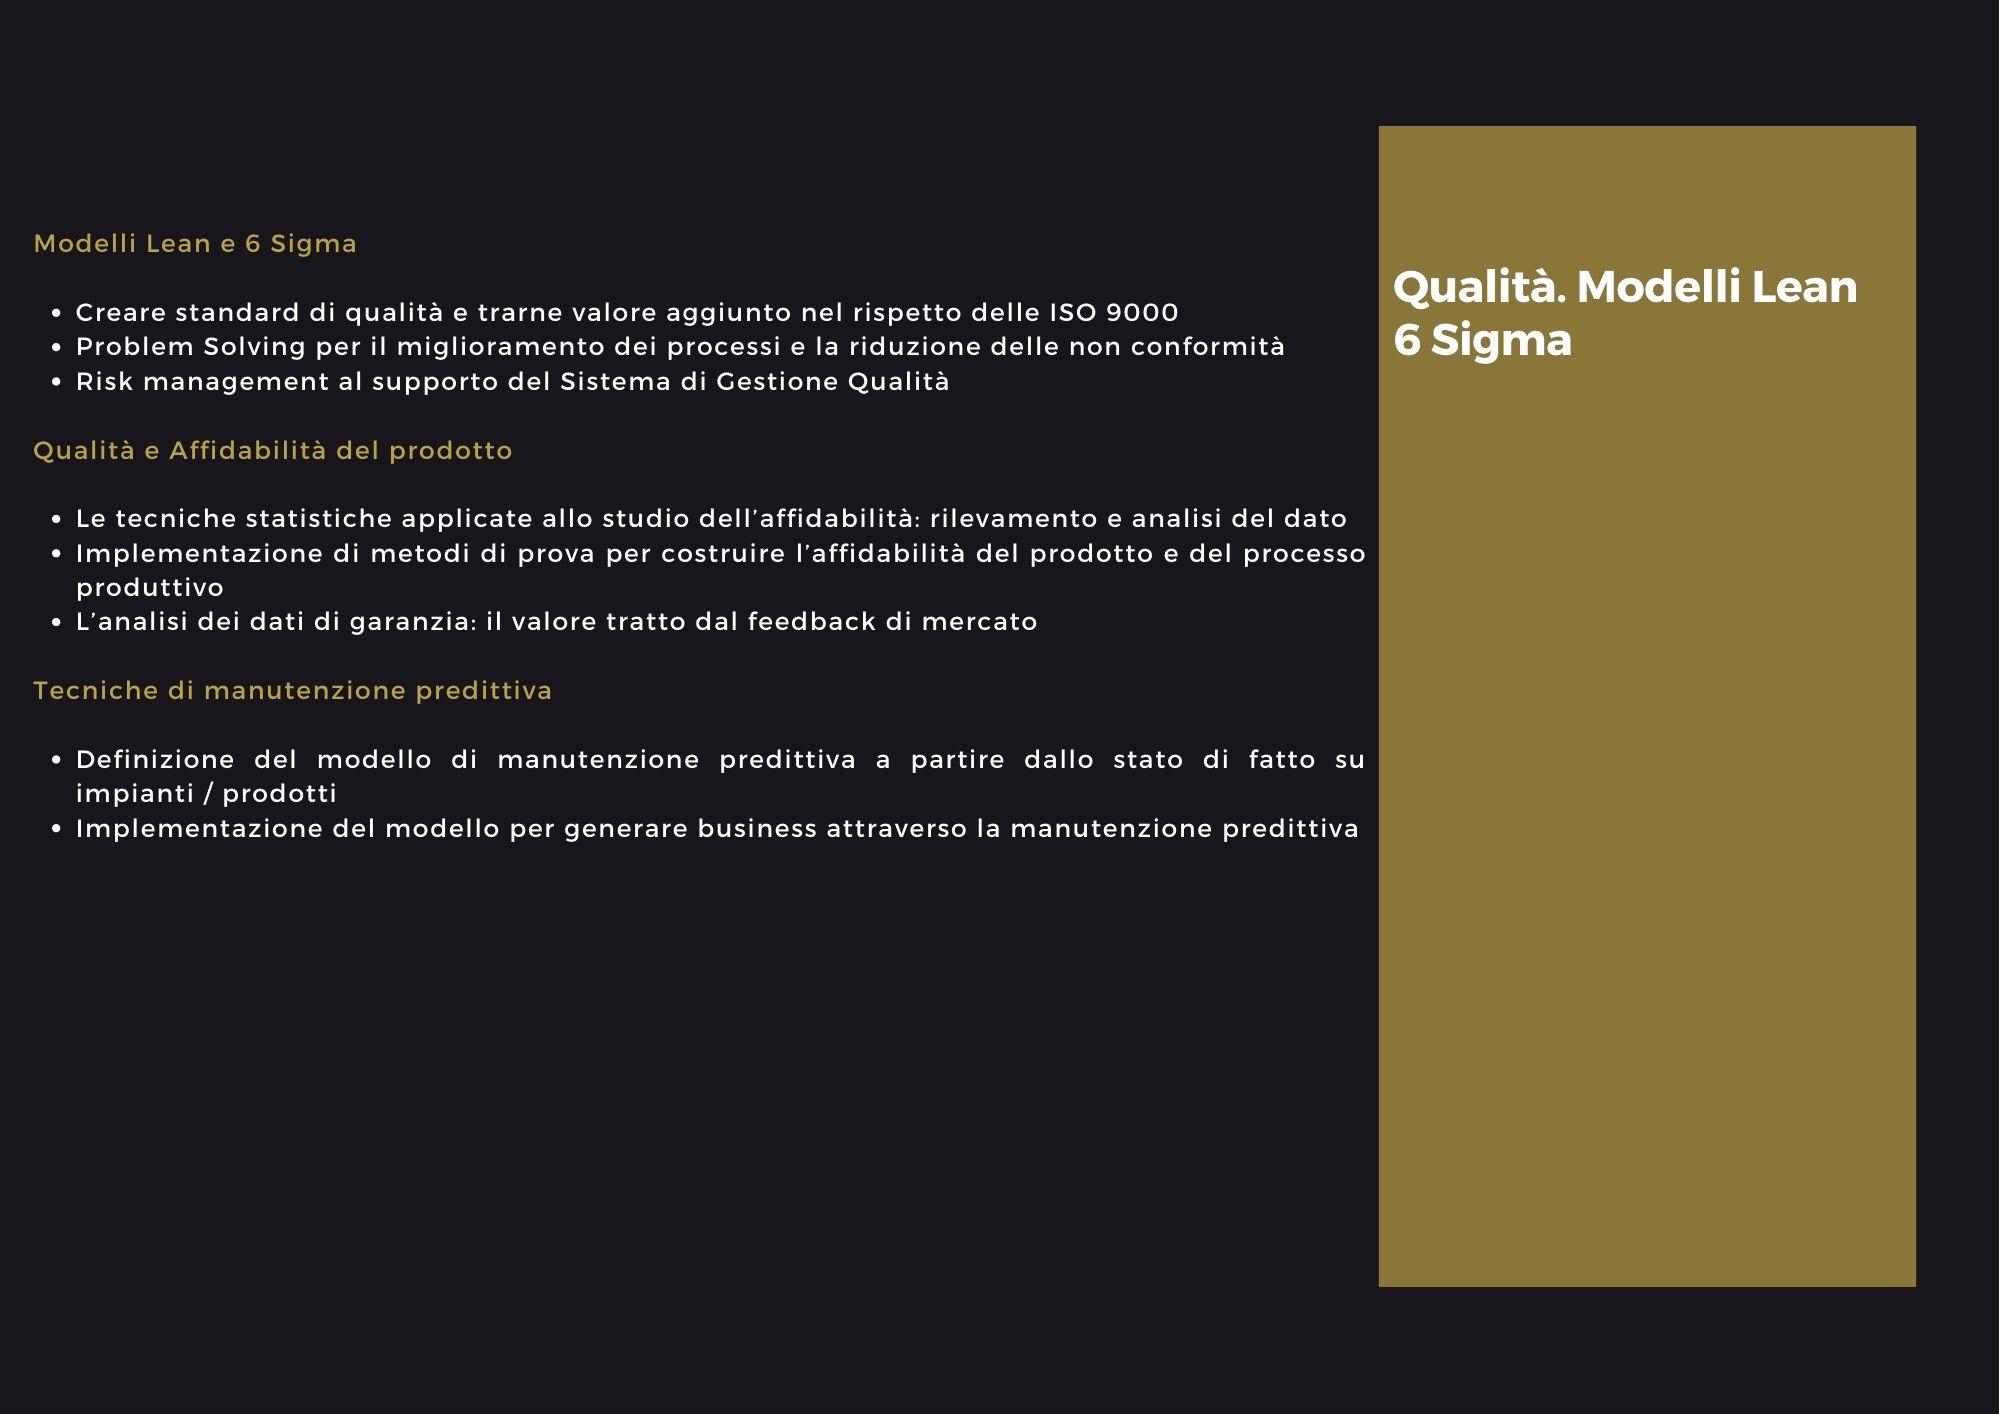 Qualità modelli lean e 6 sigma